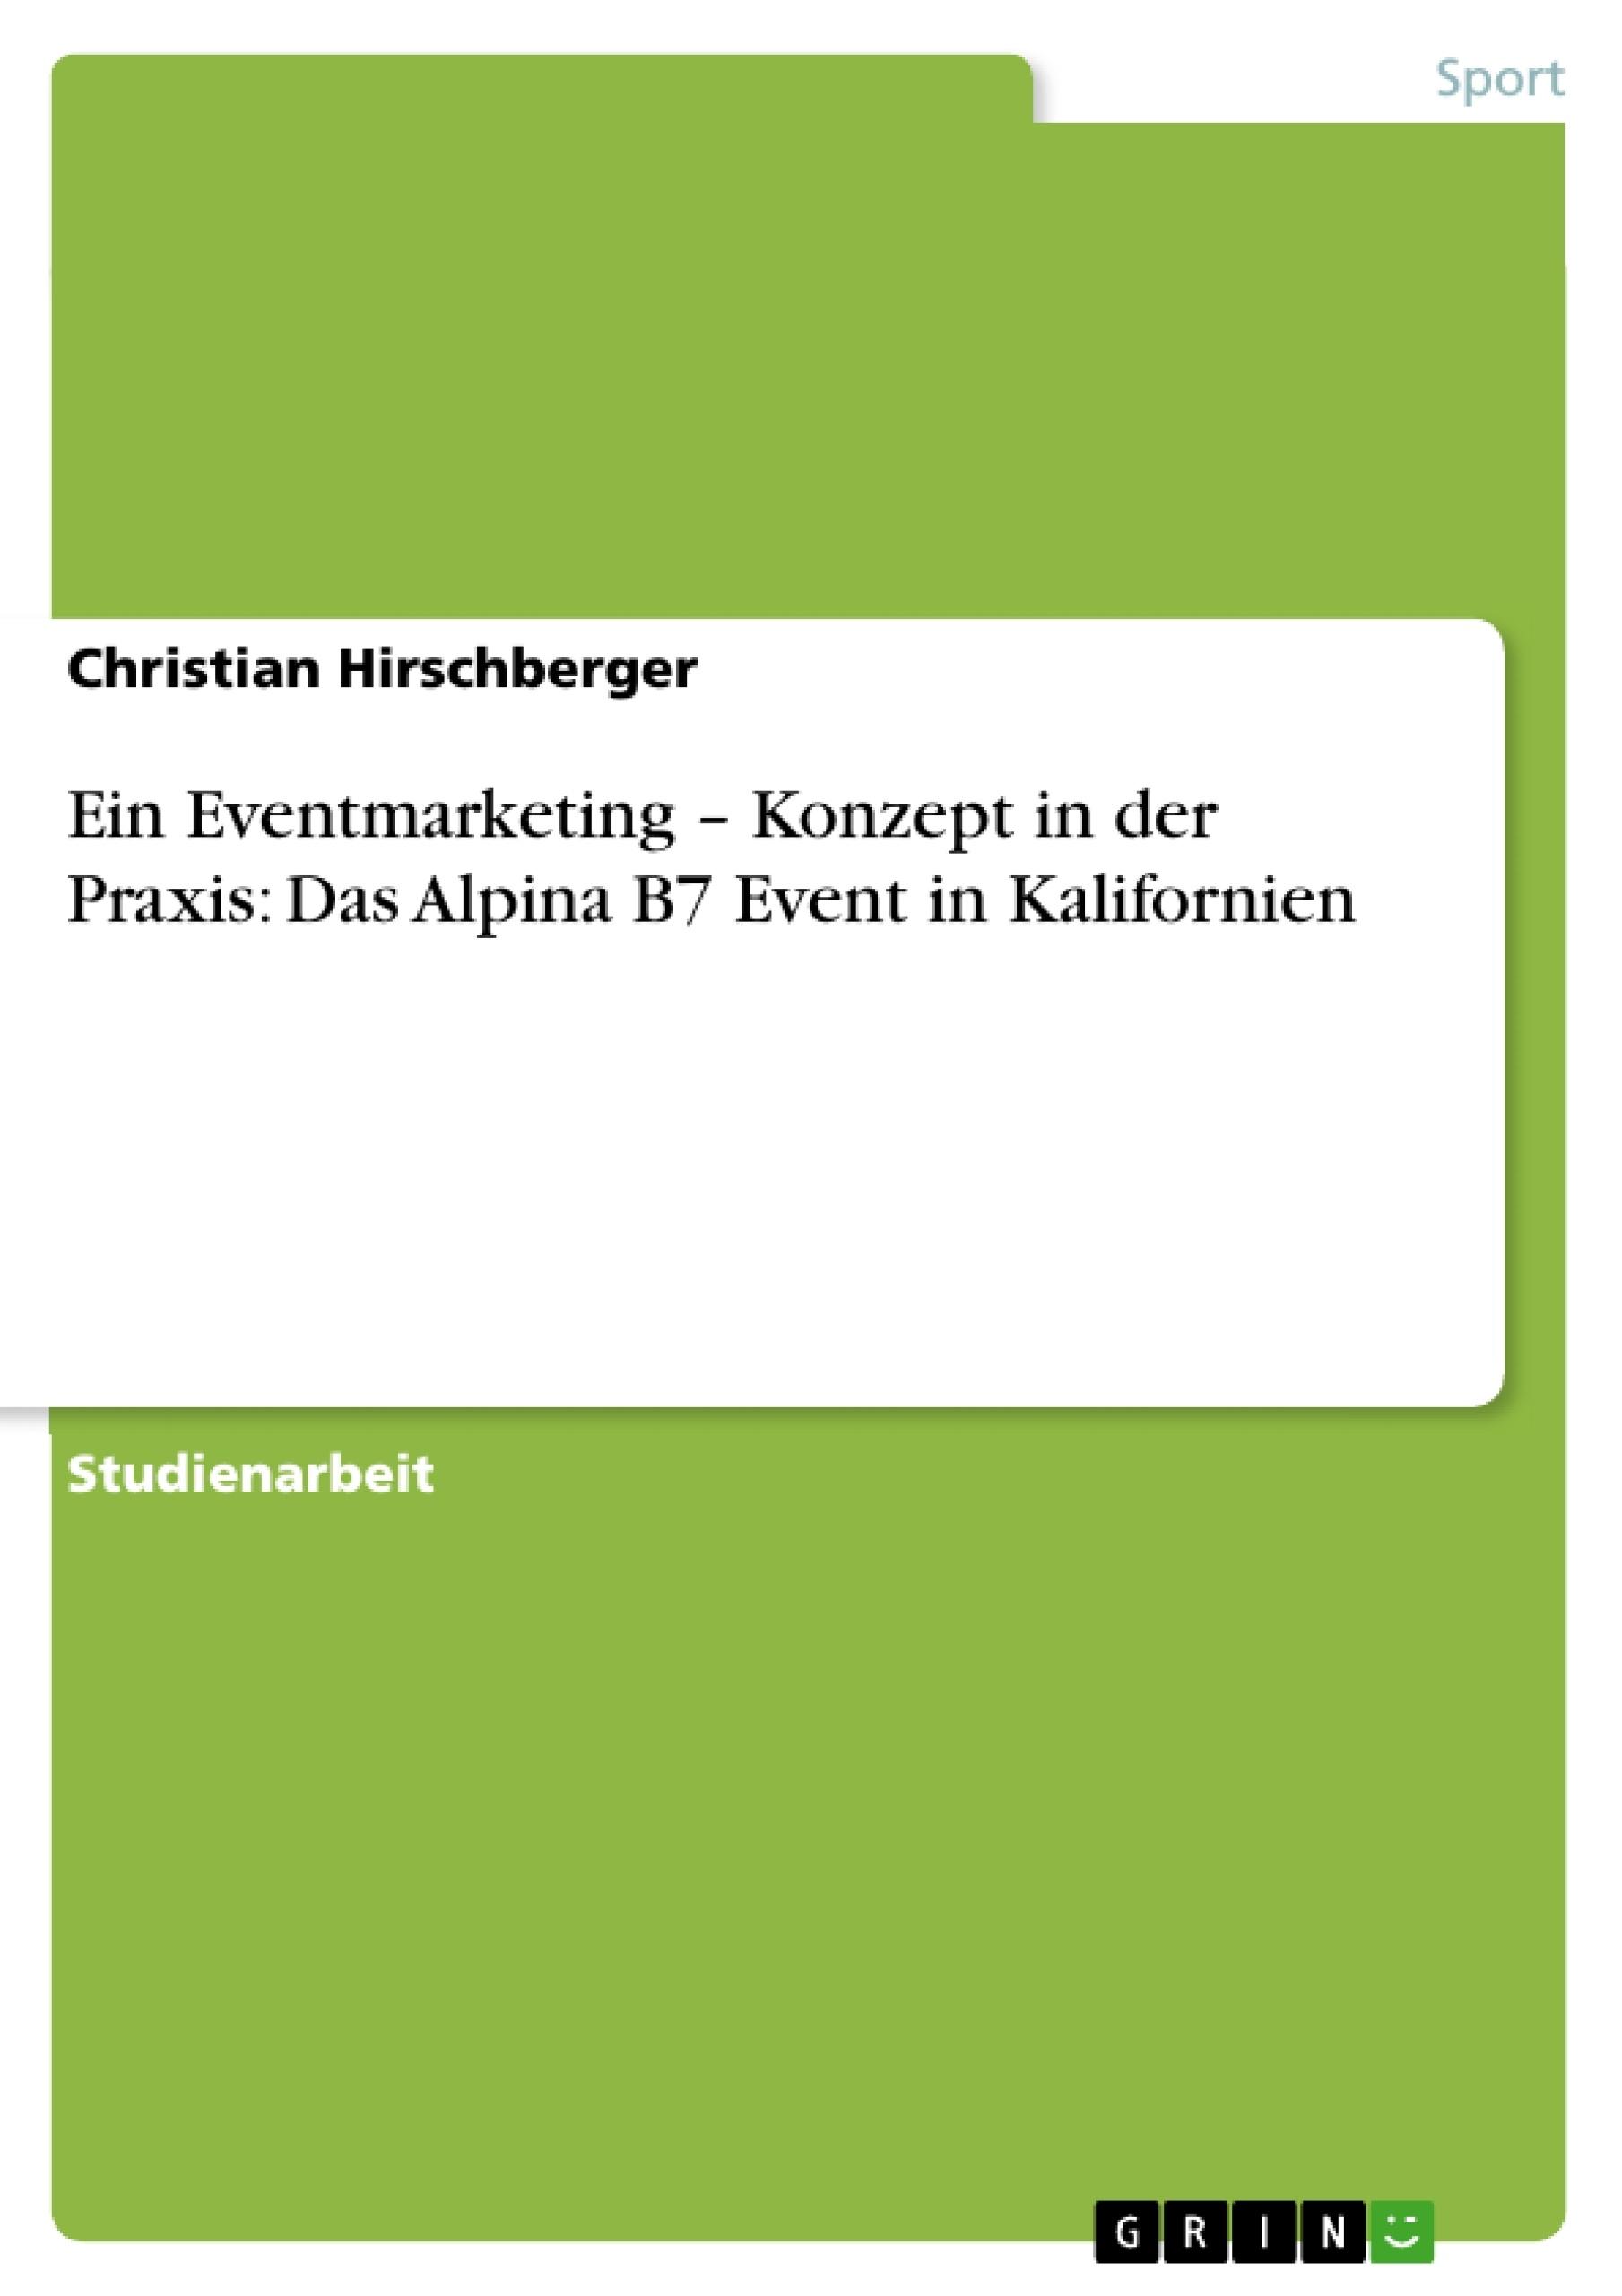 Titel: Ein Eventmarketing – Konzept in der Praxis: Das Alpina B7 Event in Kalifornien